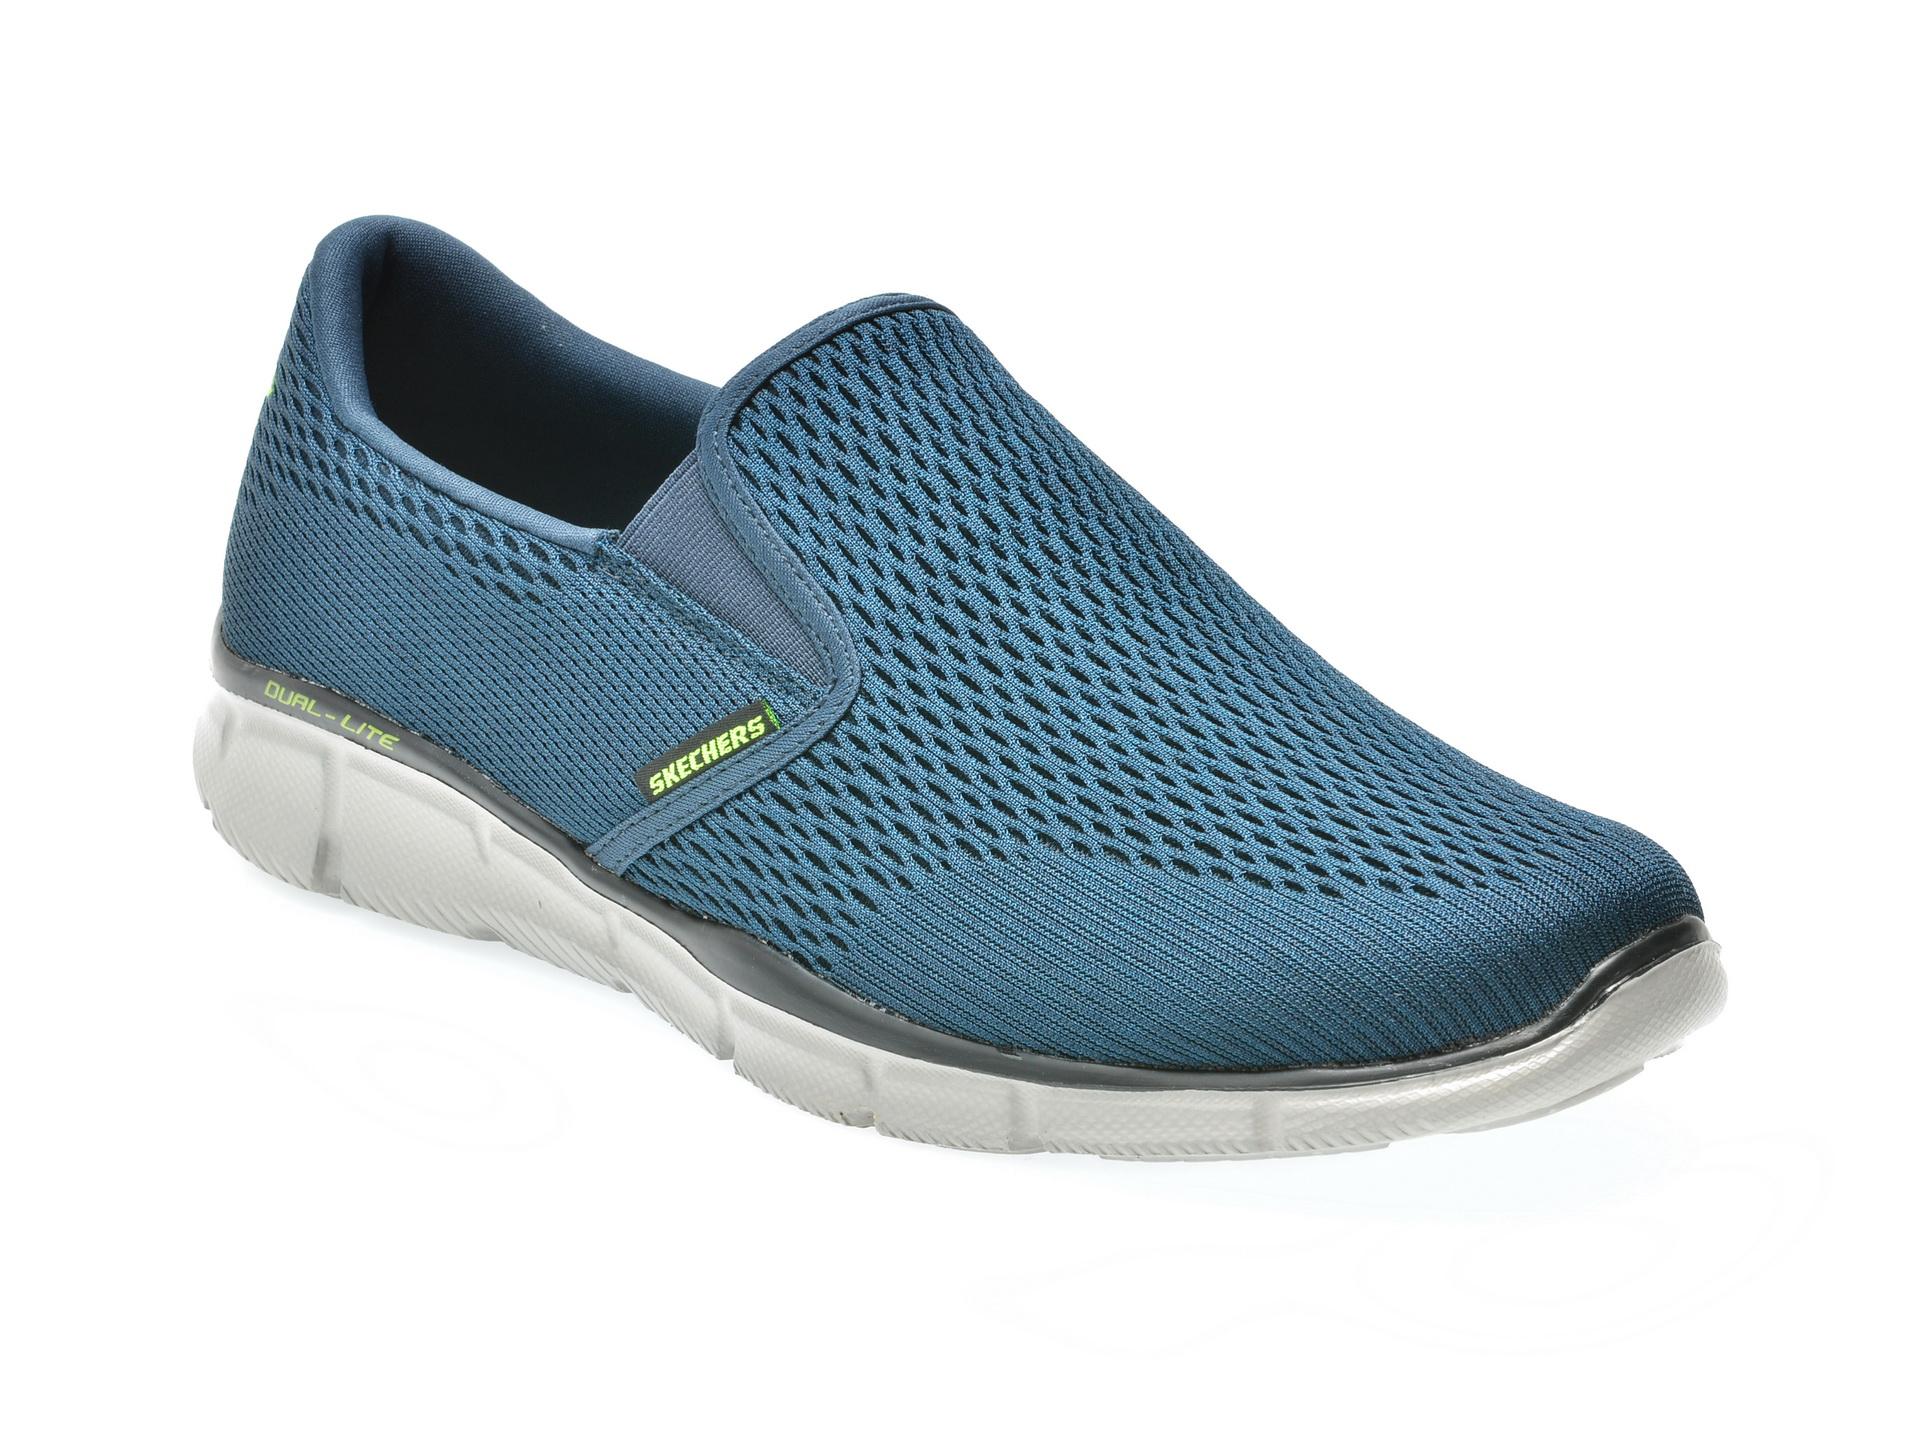 Pantofi sport SKECHERS bleumarin, 51509, din material textil